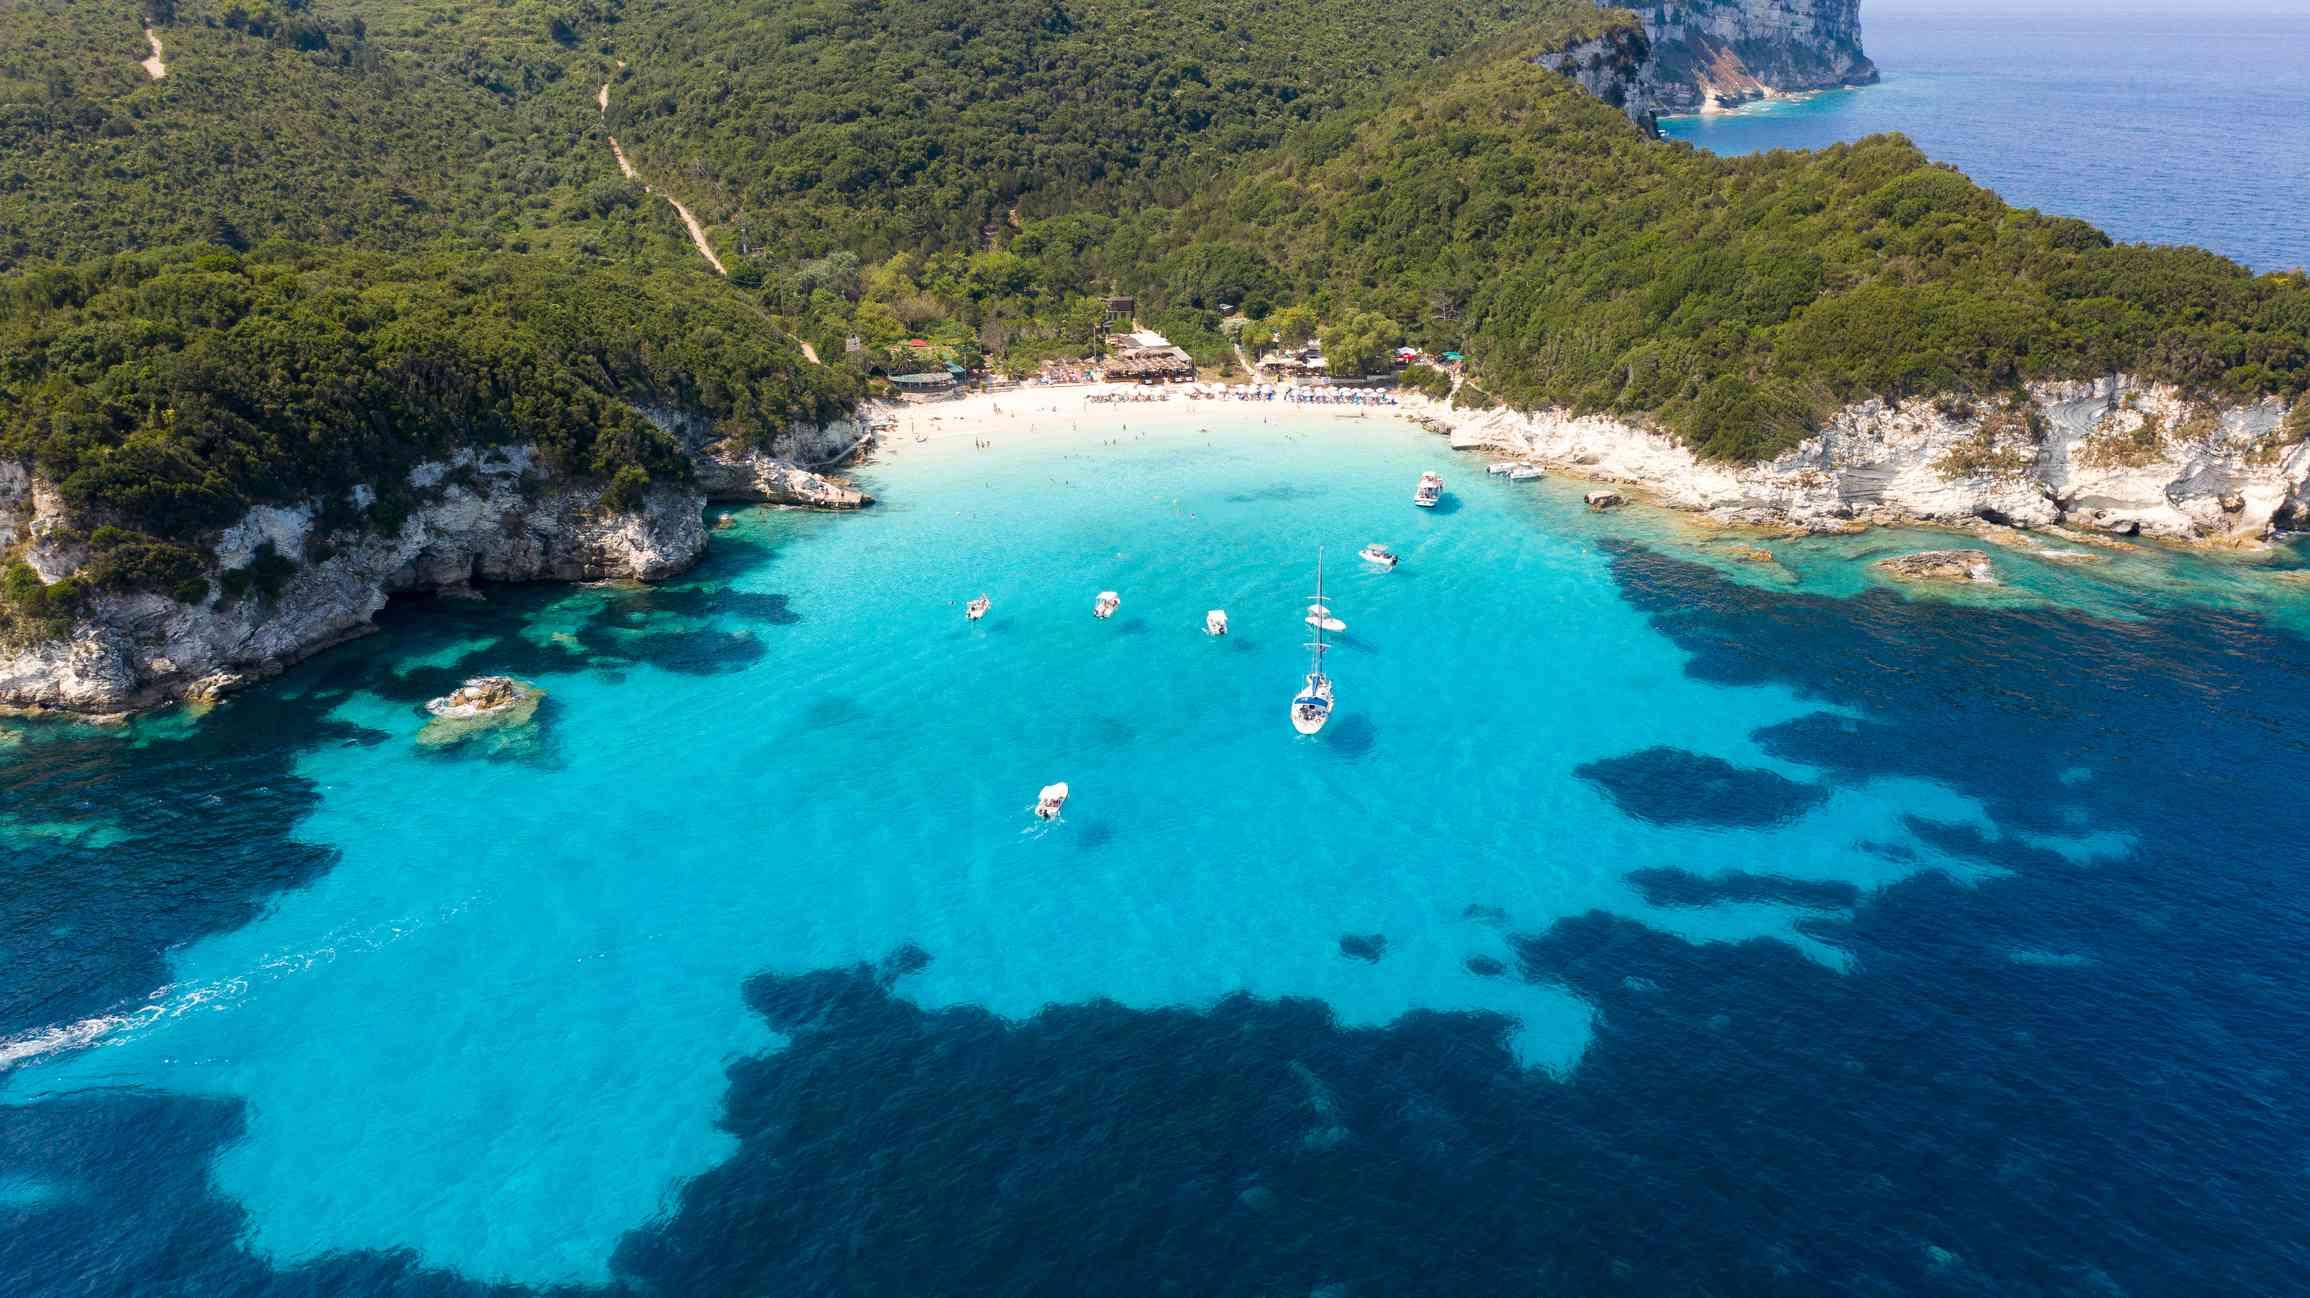 Aerial shot of yachts at Voutoumi beach at Antipaxos